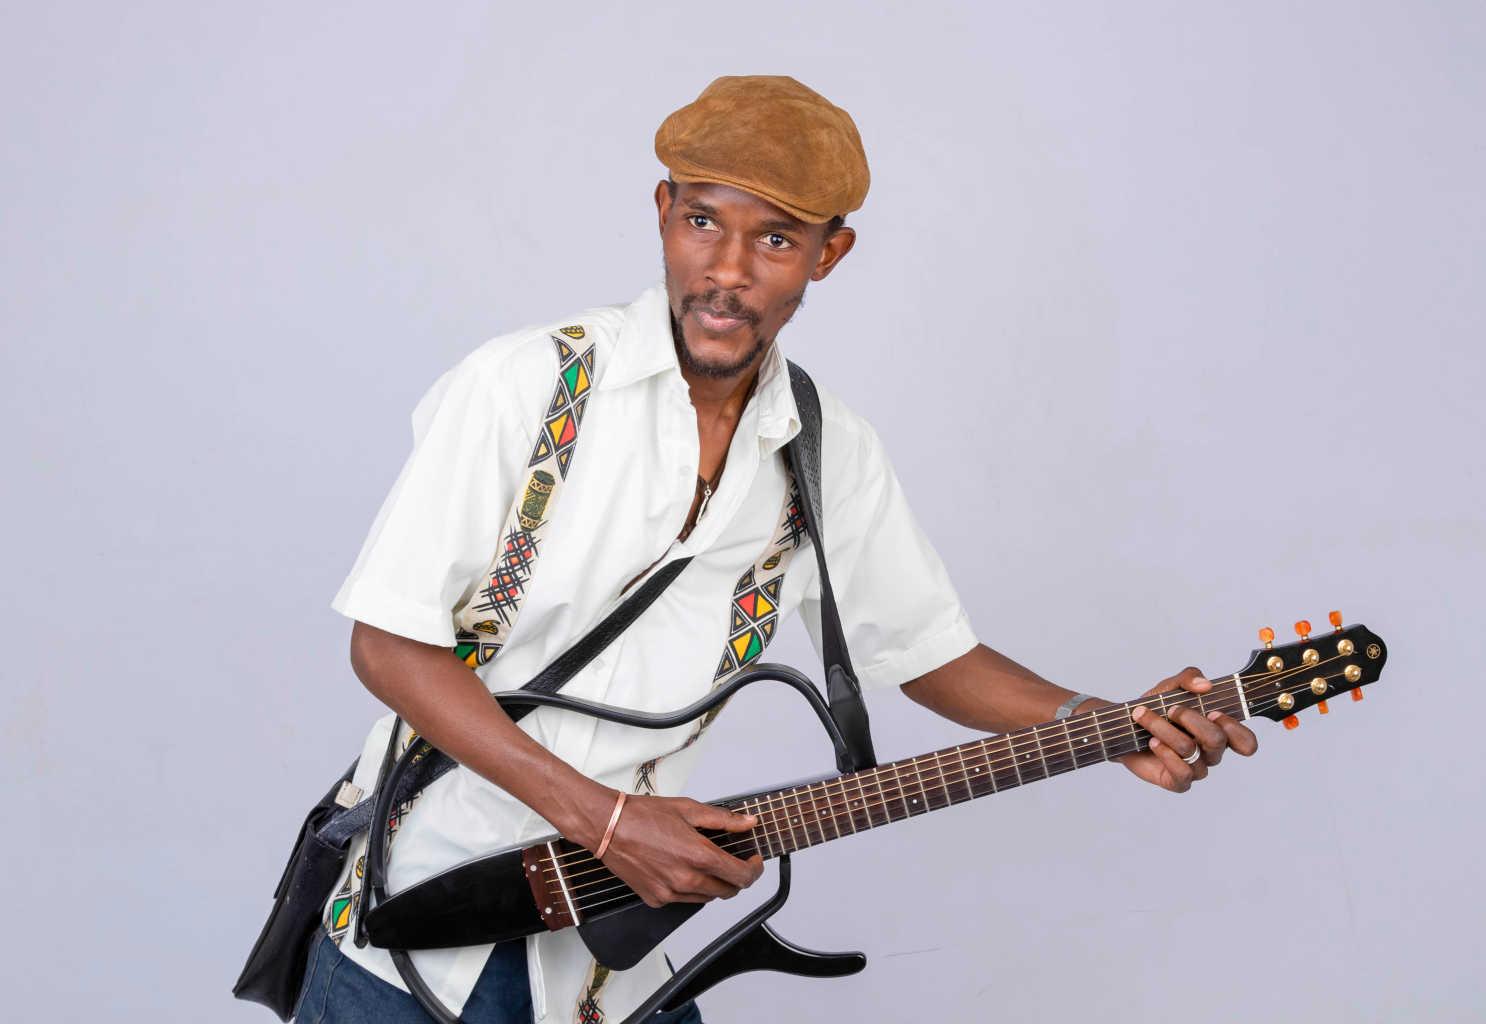 Munya Nyamarebvu